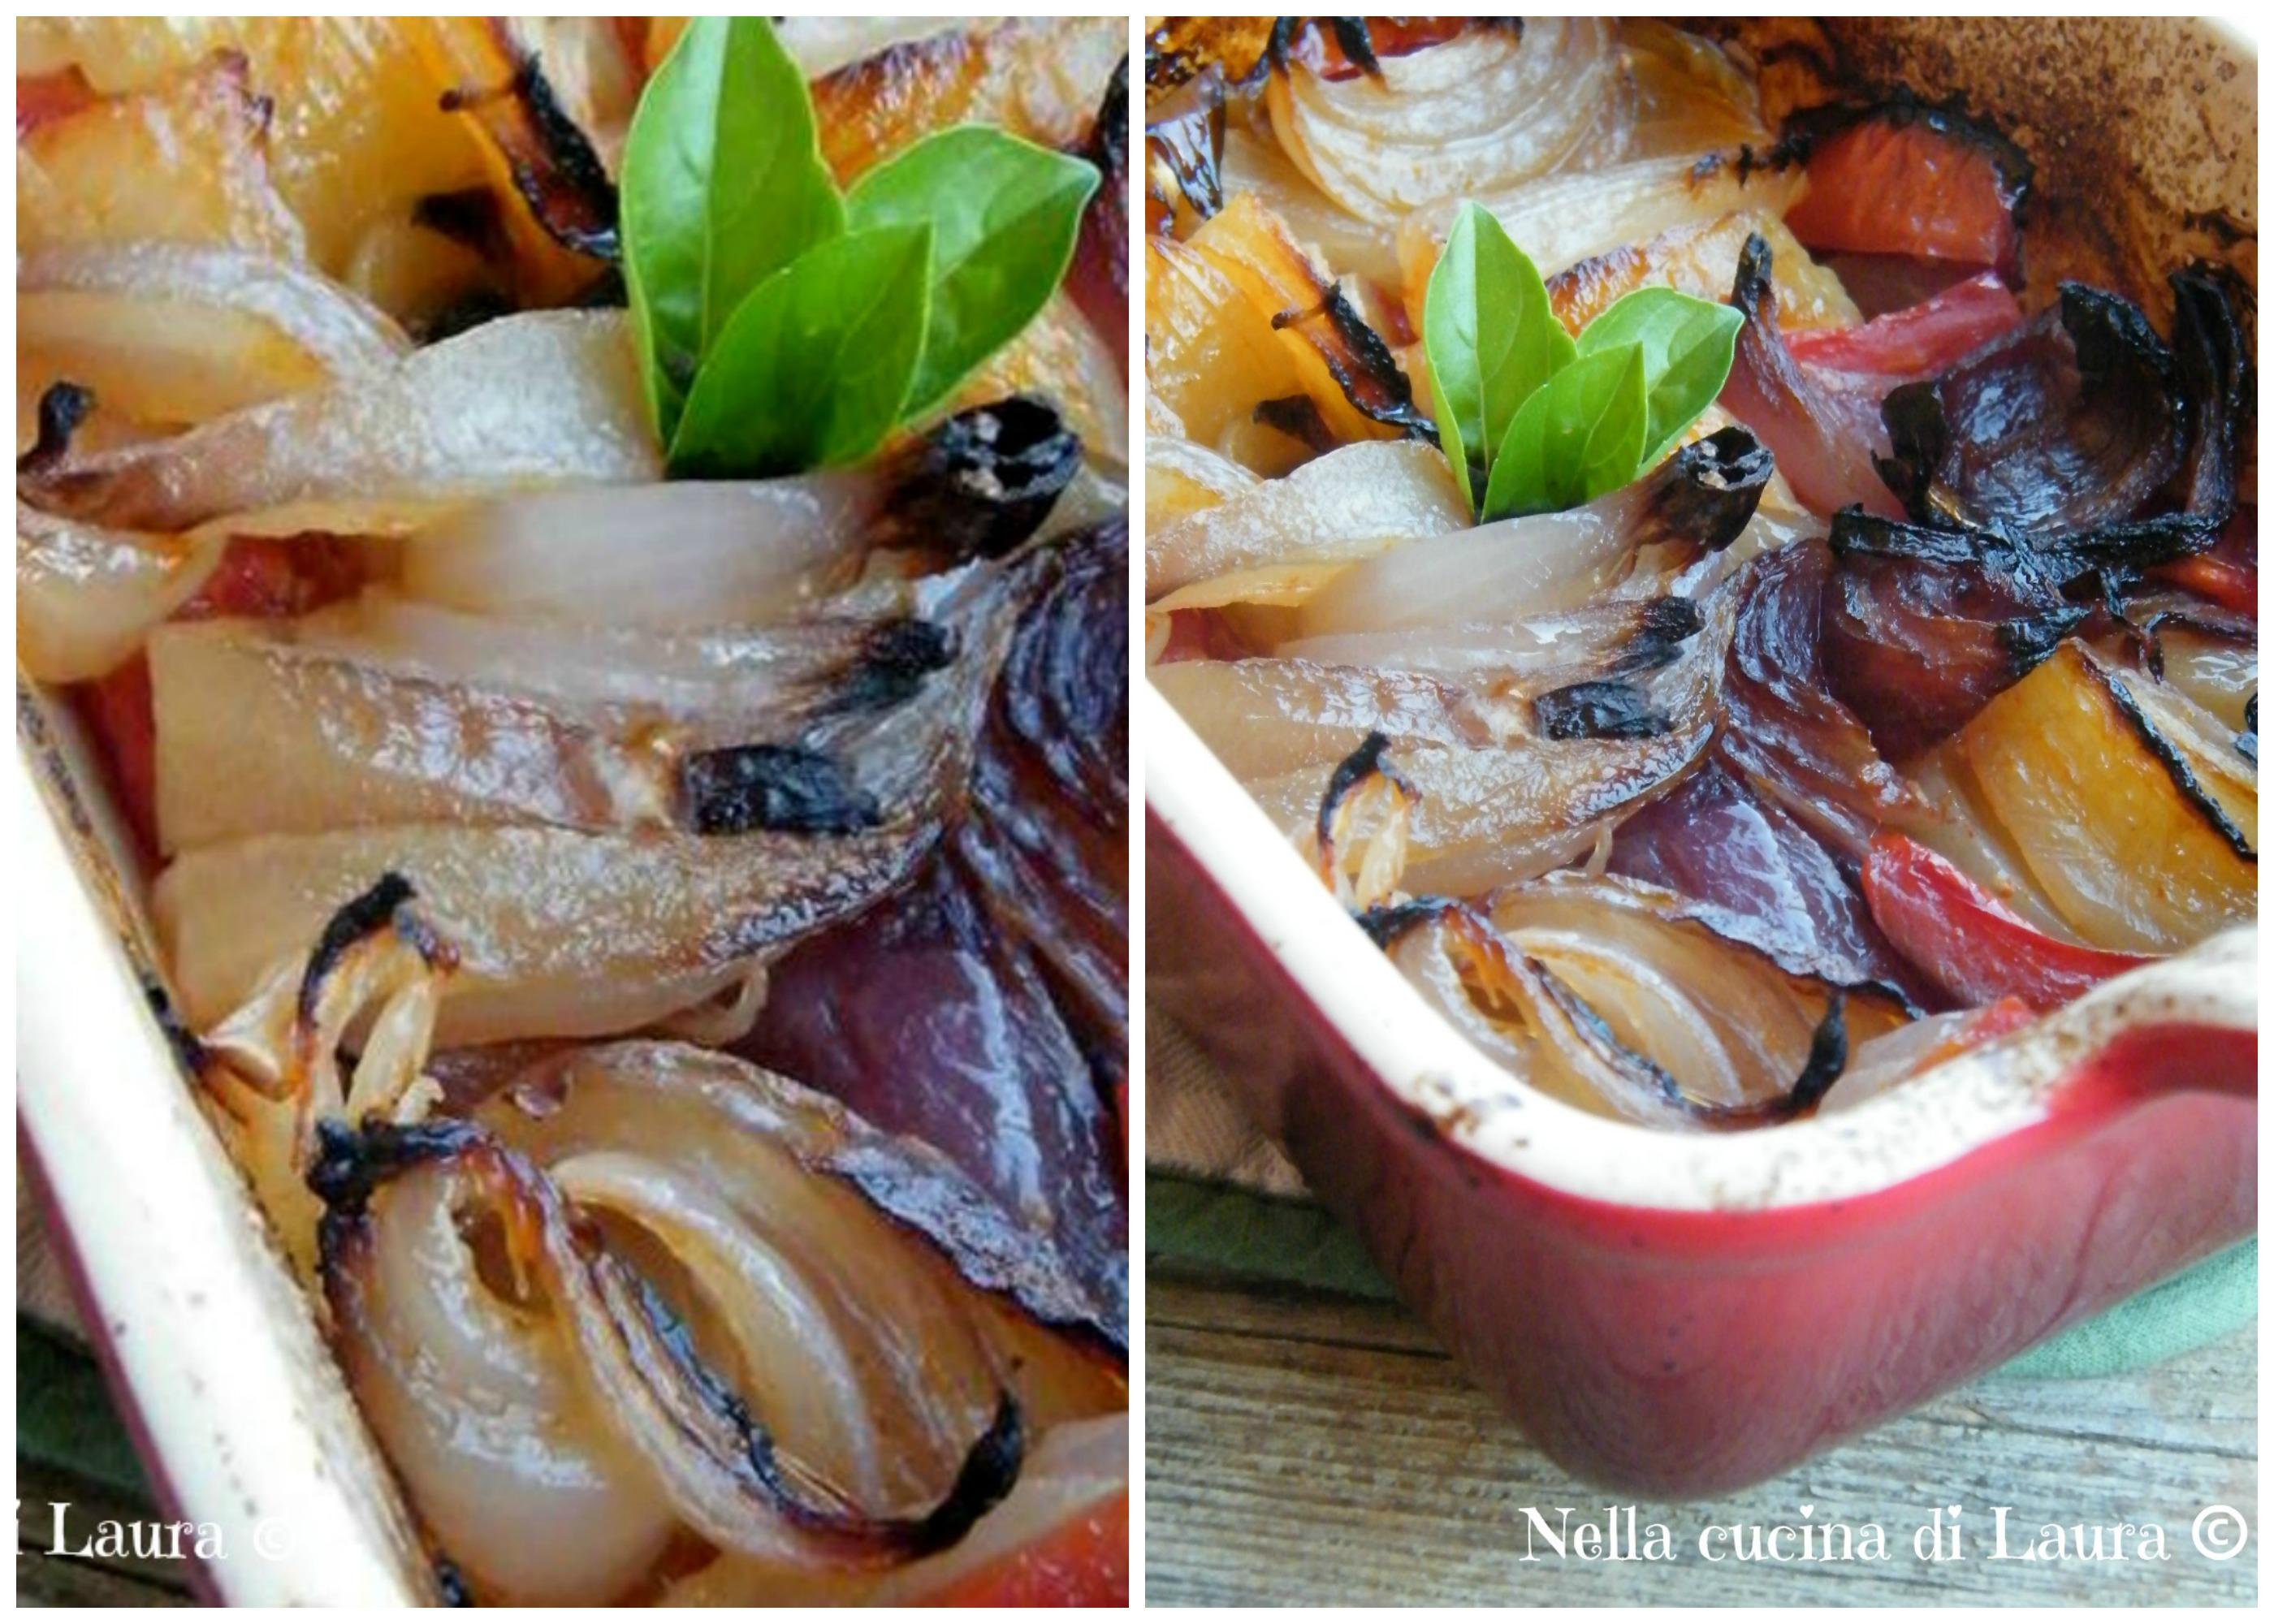 terrina al forno con cipolle e pomodori - nella cucina di laura